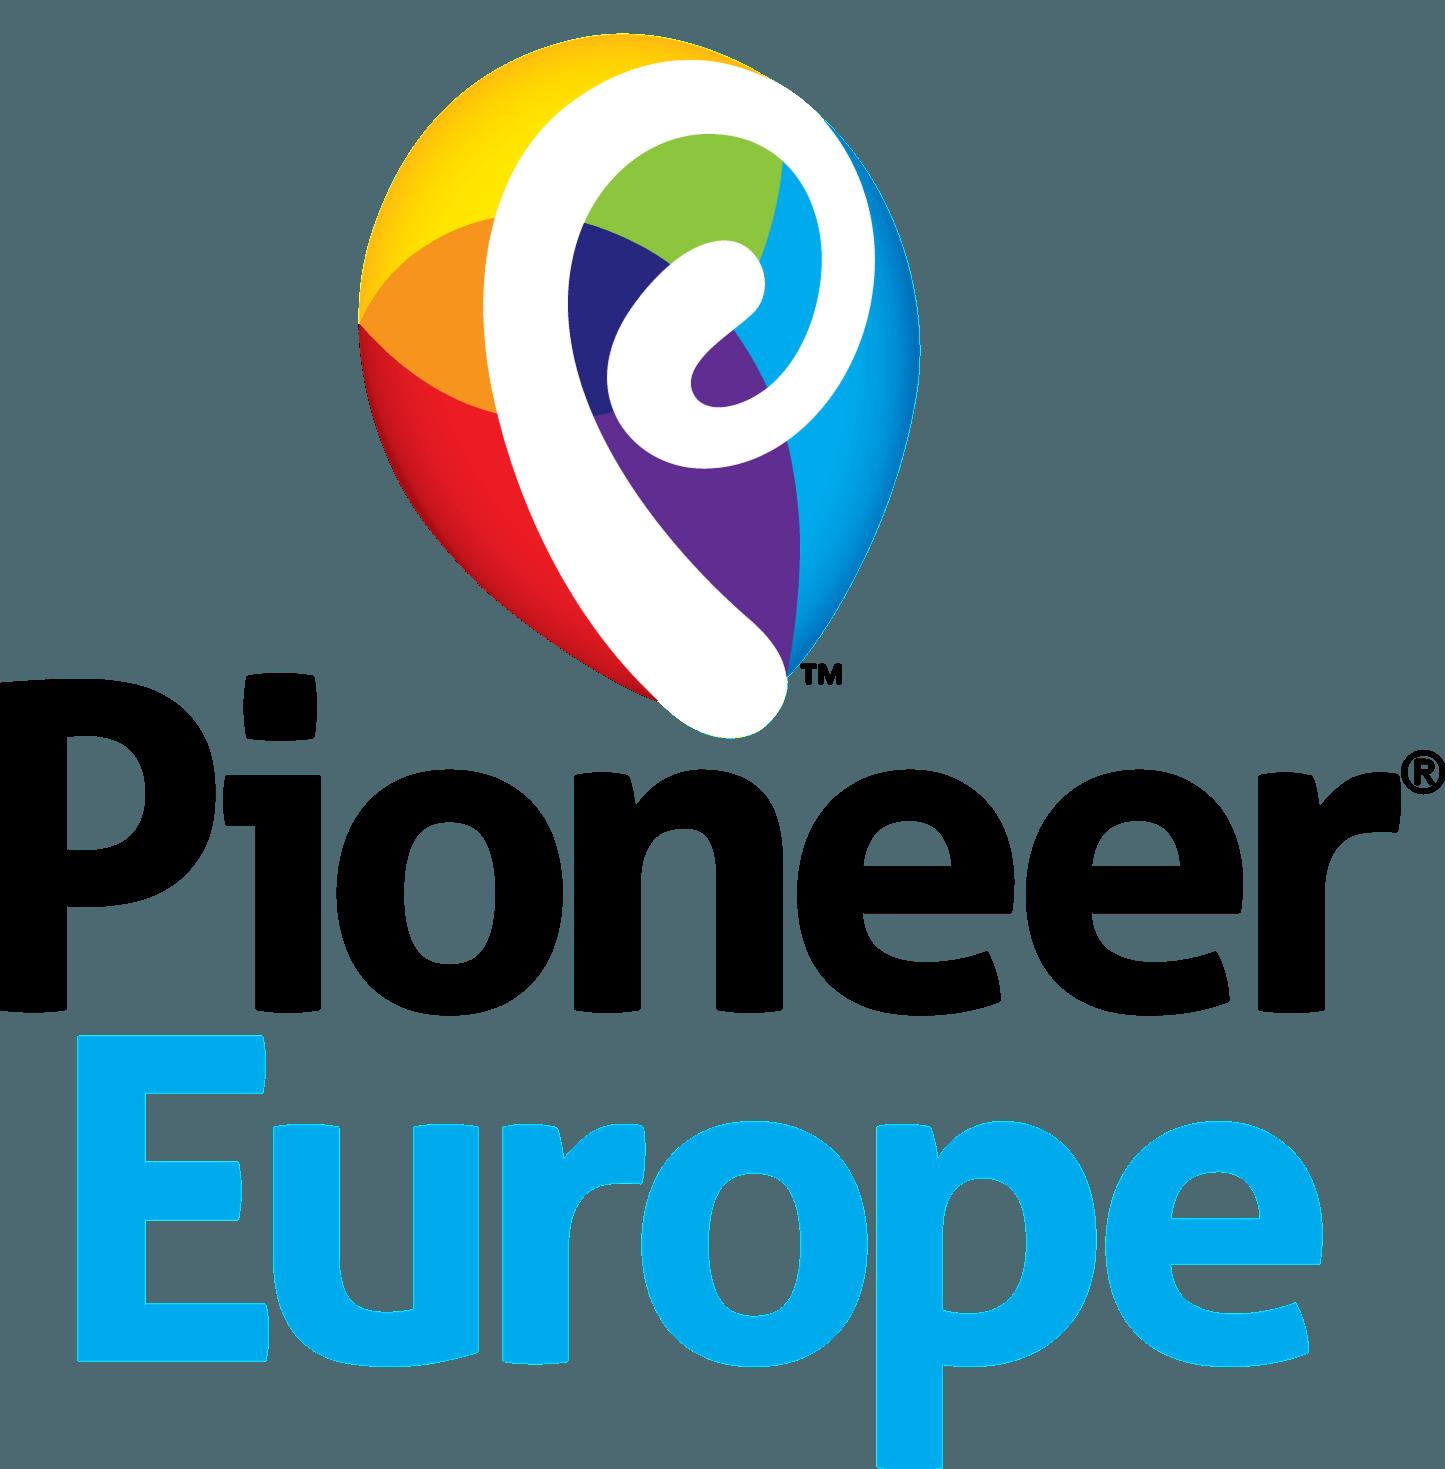 Pioneer Europe Limited